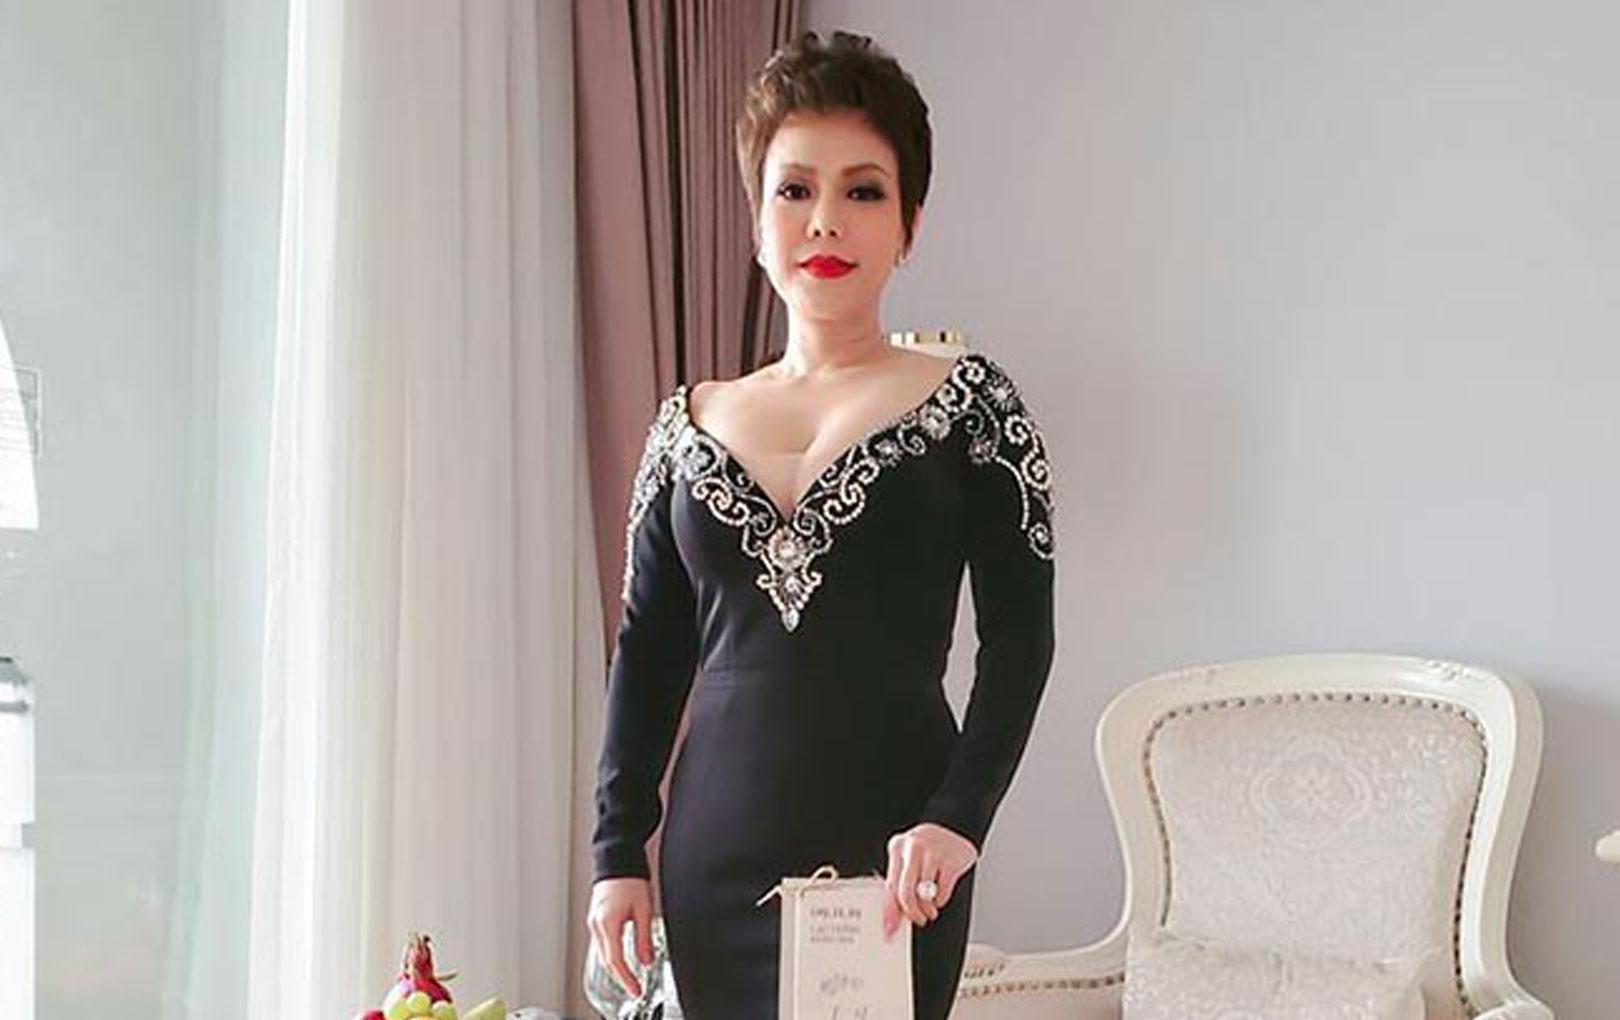 Việt Hương suốt 2 năm không dự tiệc cưới đồng nghiệp nhưng sao lại tới Phú Quốc chúc mừng Đông Nhi?